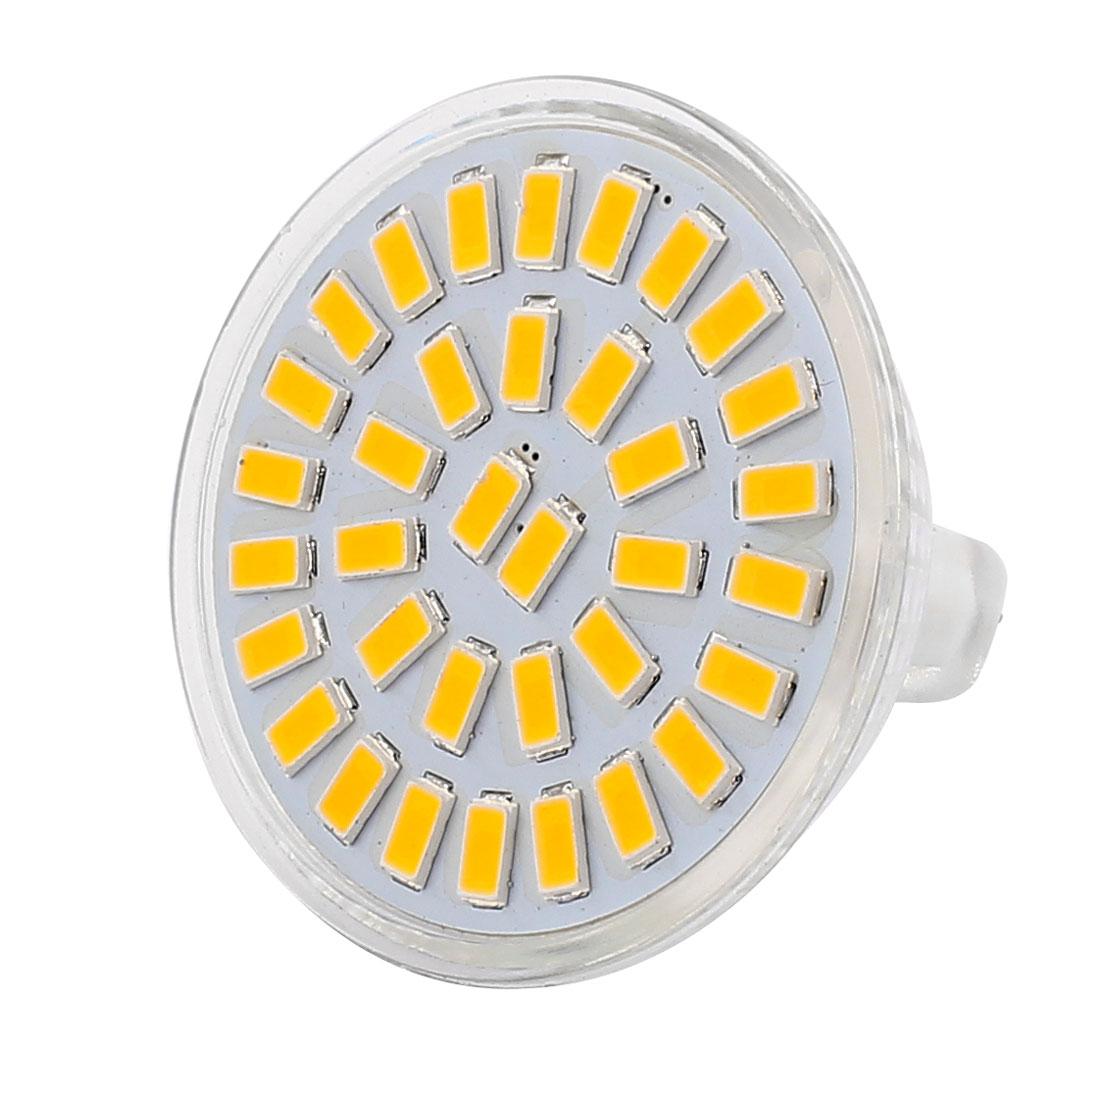 220V-240V 5W MR16 5730 SMD 35 LEDs LED Bulb Down Light Spotlight Lamp Warm White